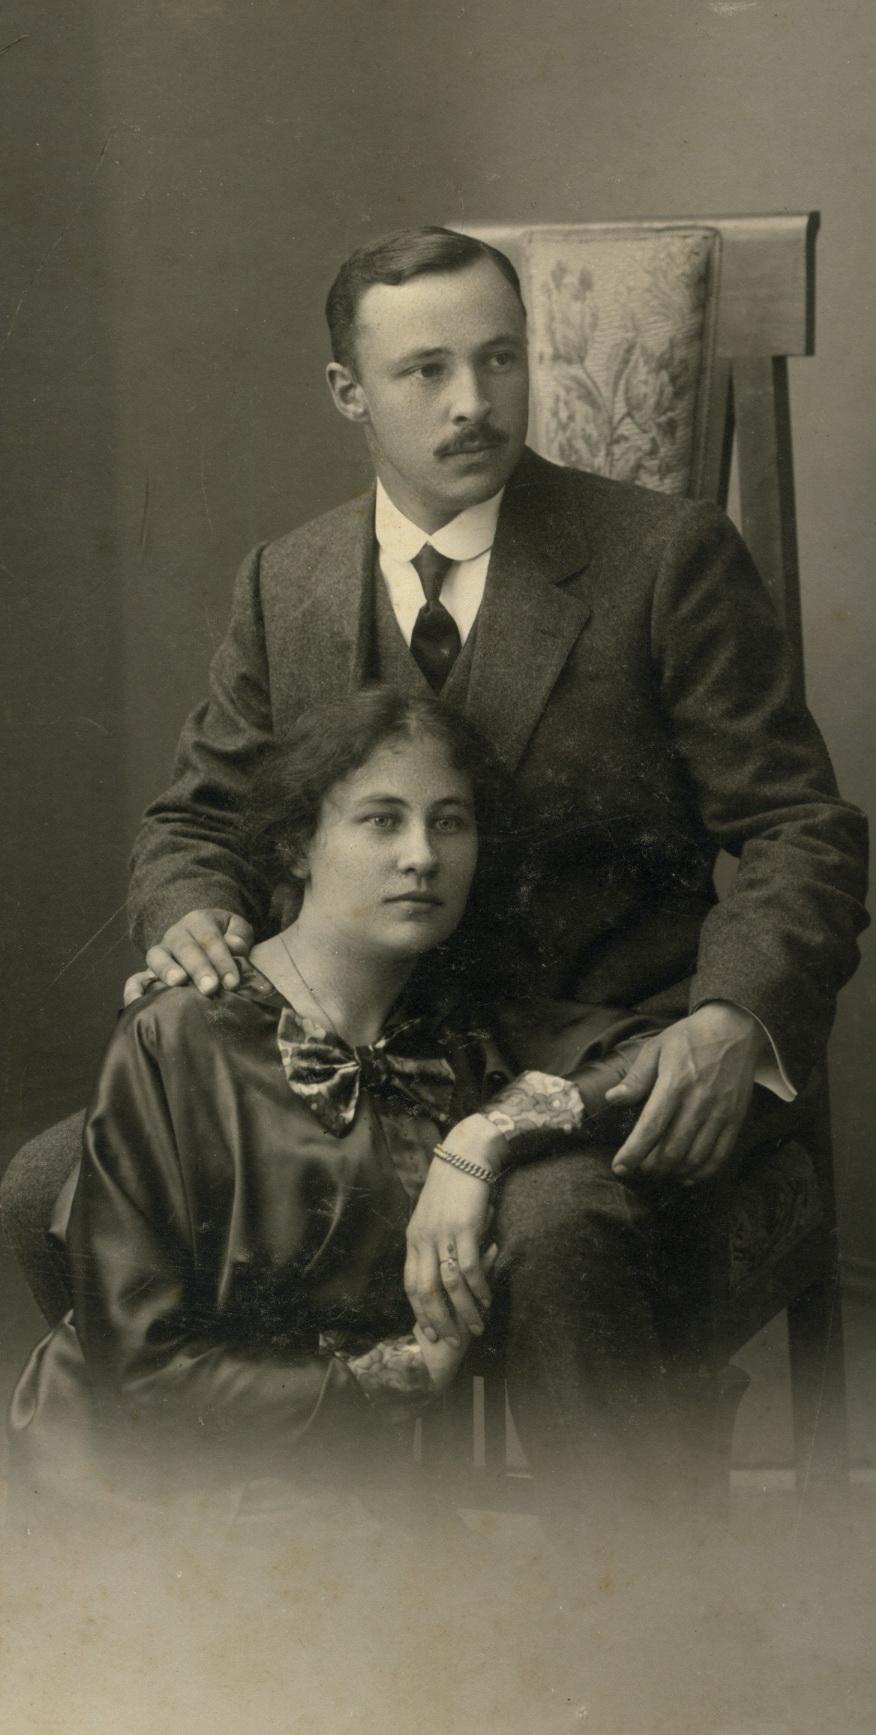 Портрет супружеской пары Евгений Петрович Андреев и Анна. 1912-1915